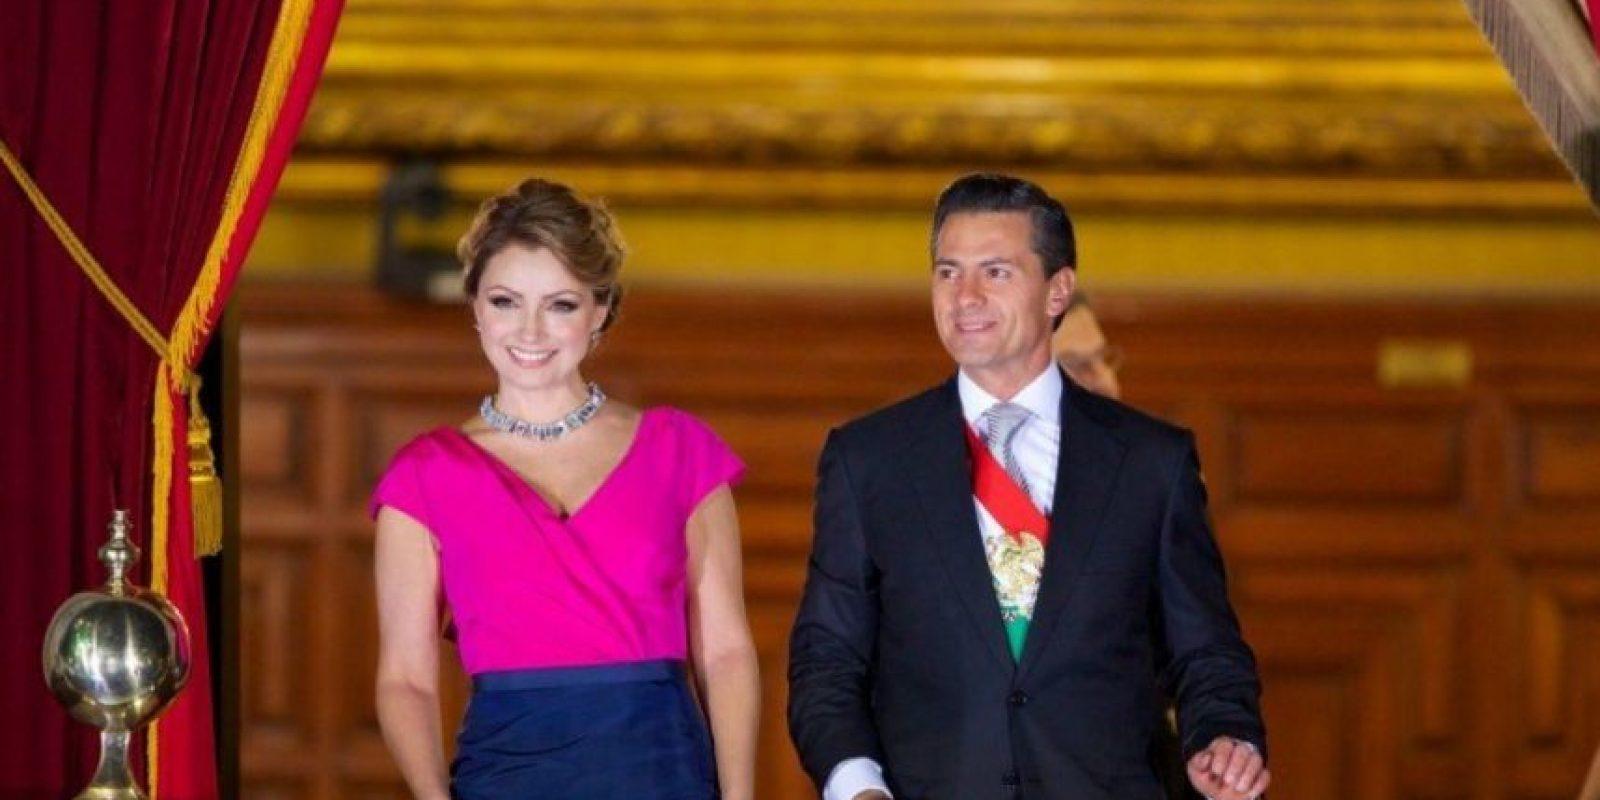 También el peinado y el color. Foto:Página oficial Angélica Rivera